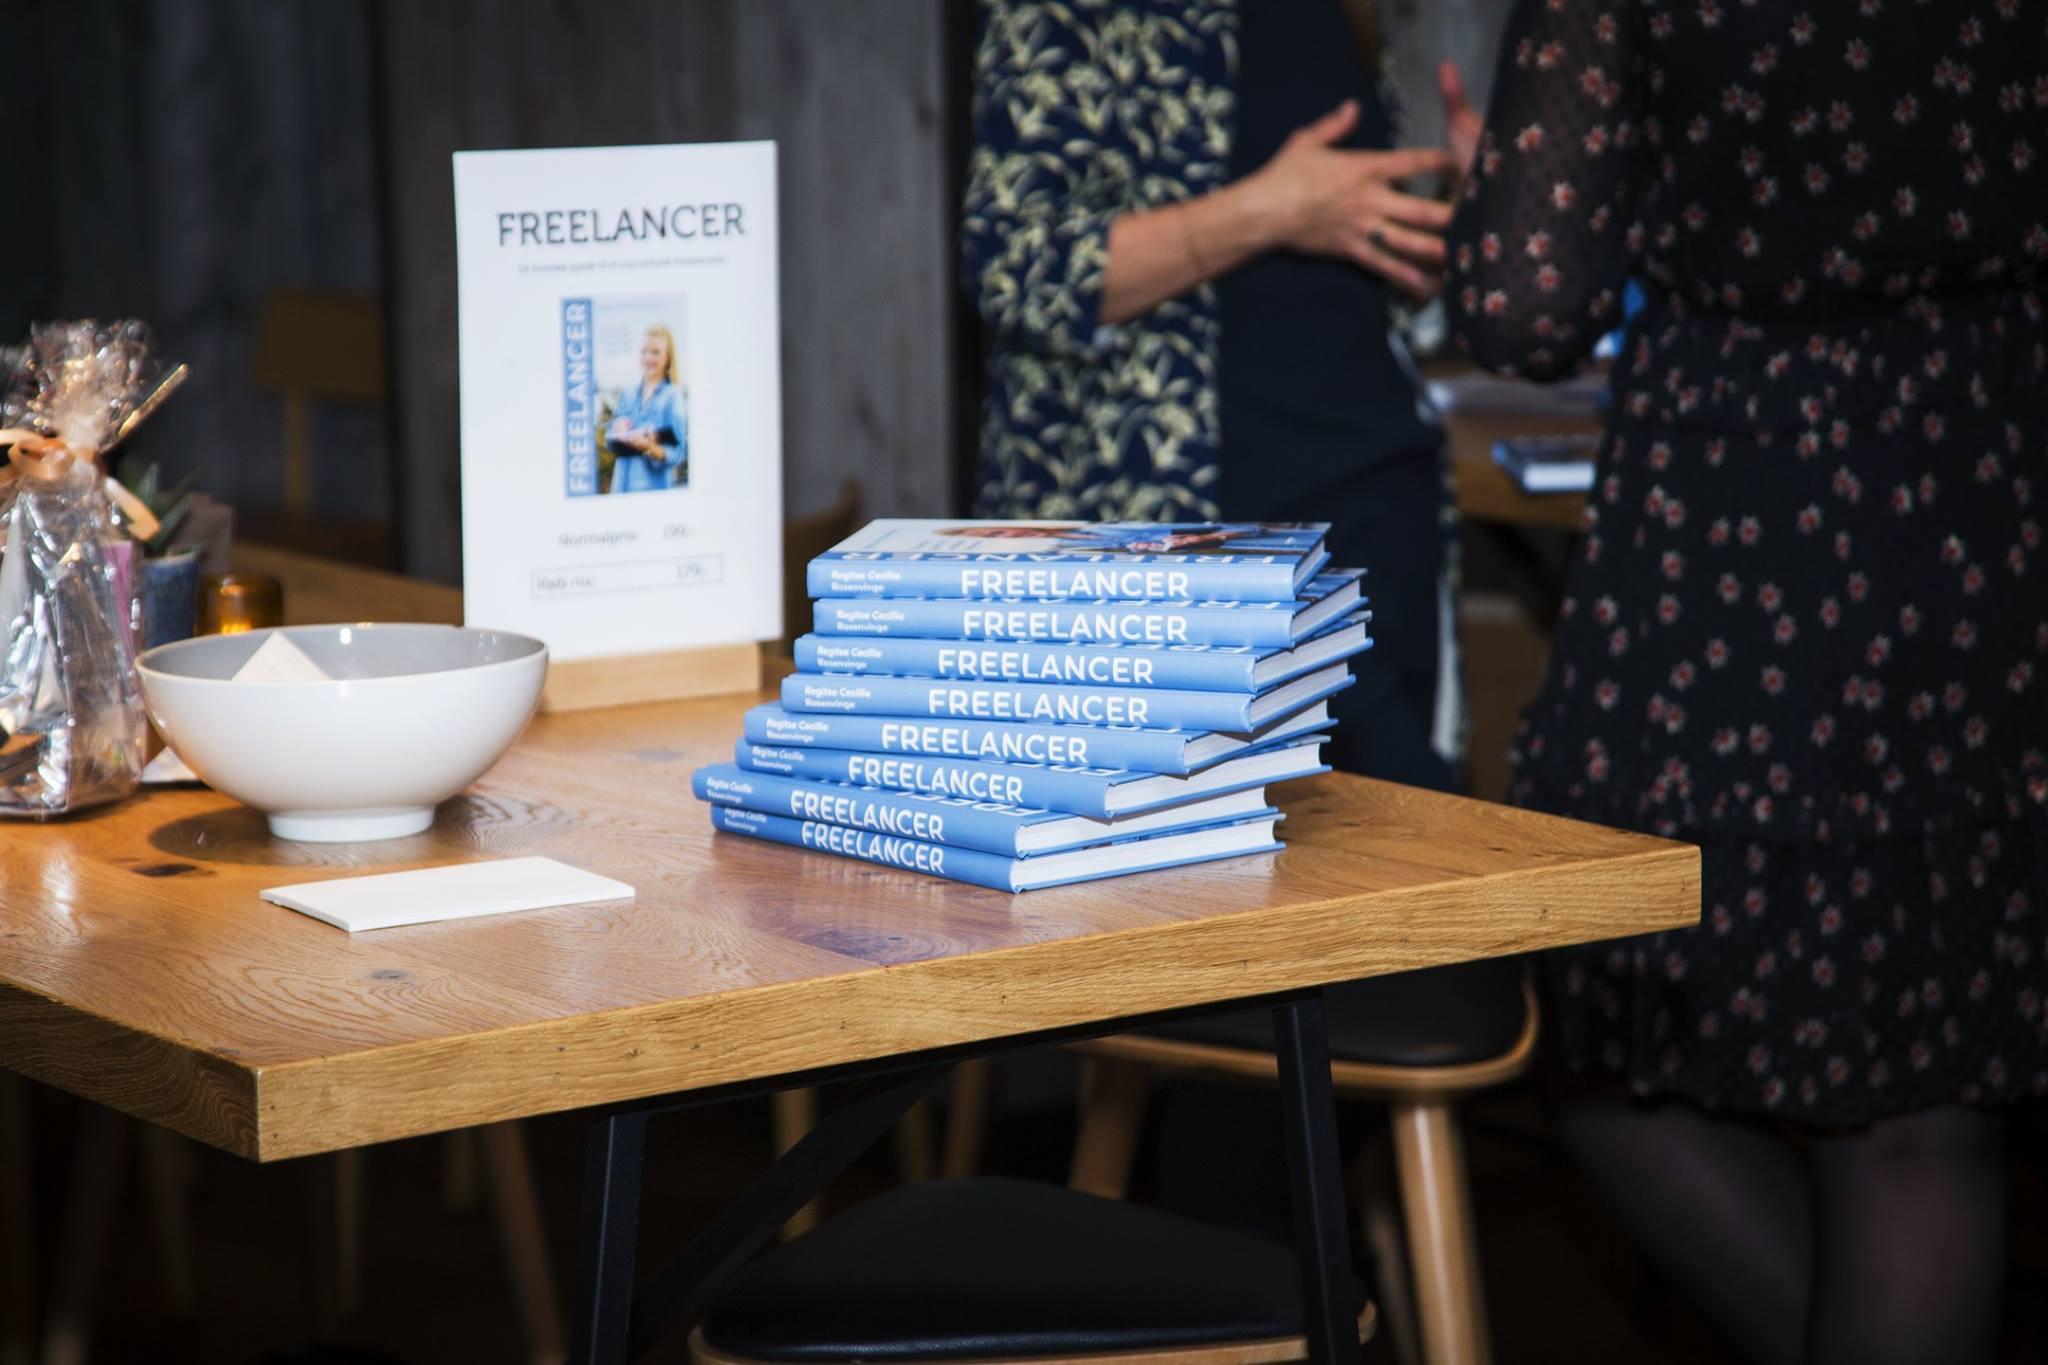 Den danska boken Freelancer av Regitse Cecillie Rosenvinge, där jag berättar om min frilansresa.